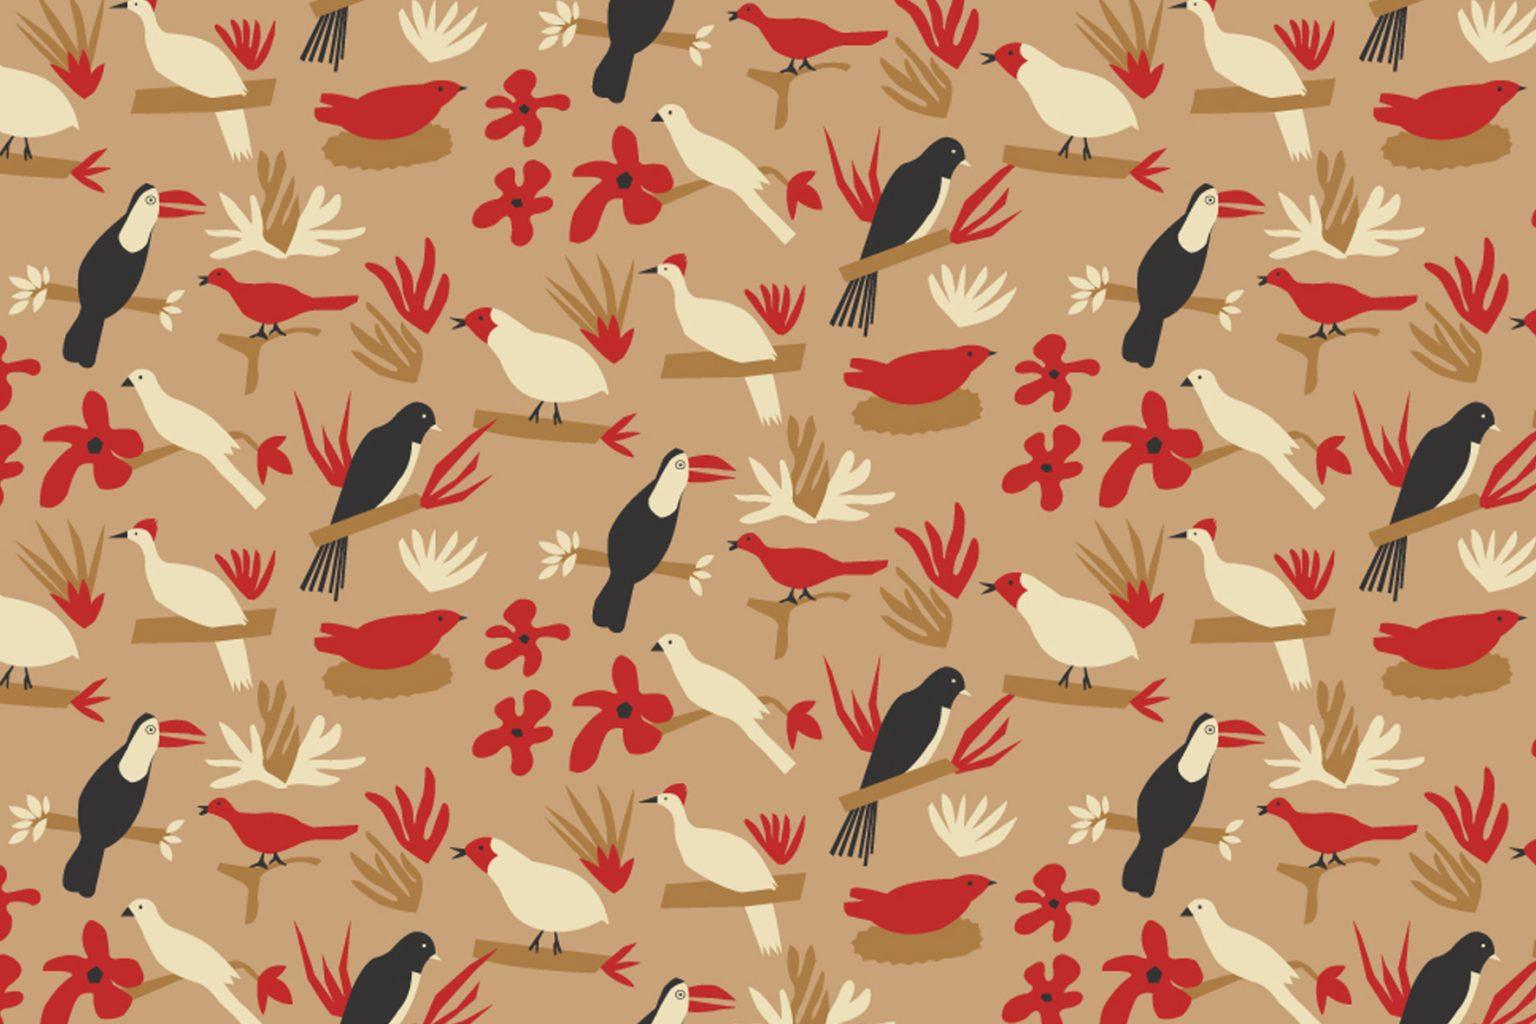 01_Pássaros-Brasileiros